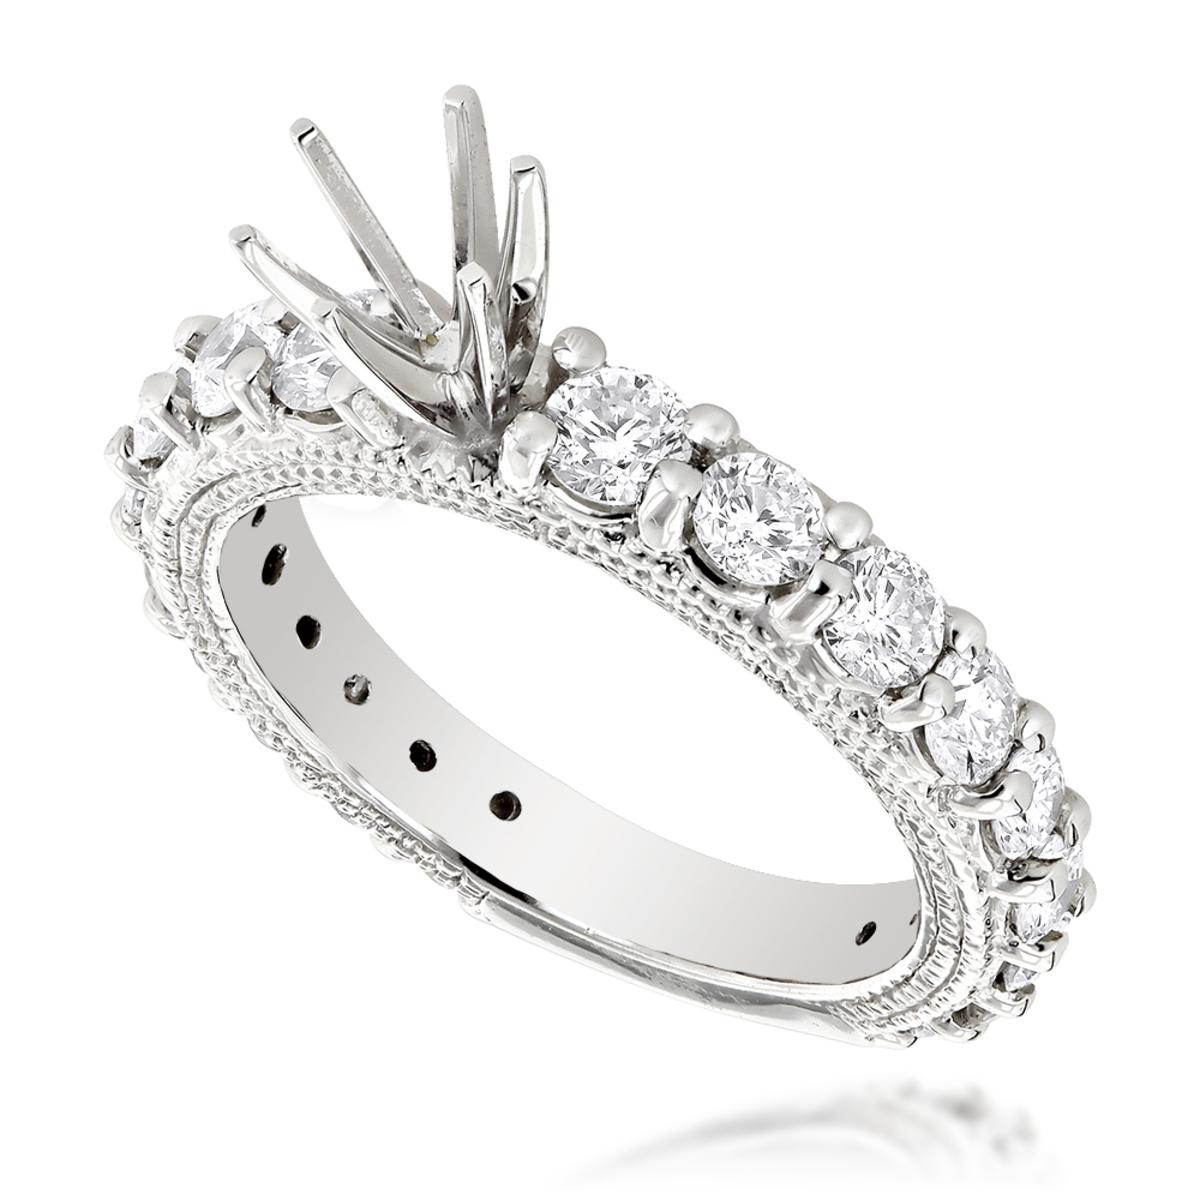 14K Gold Diamond Engagement Ring Mounting 1.76ct